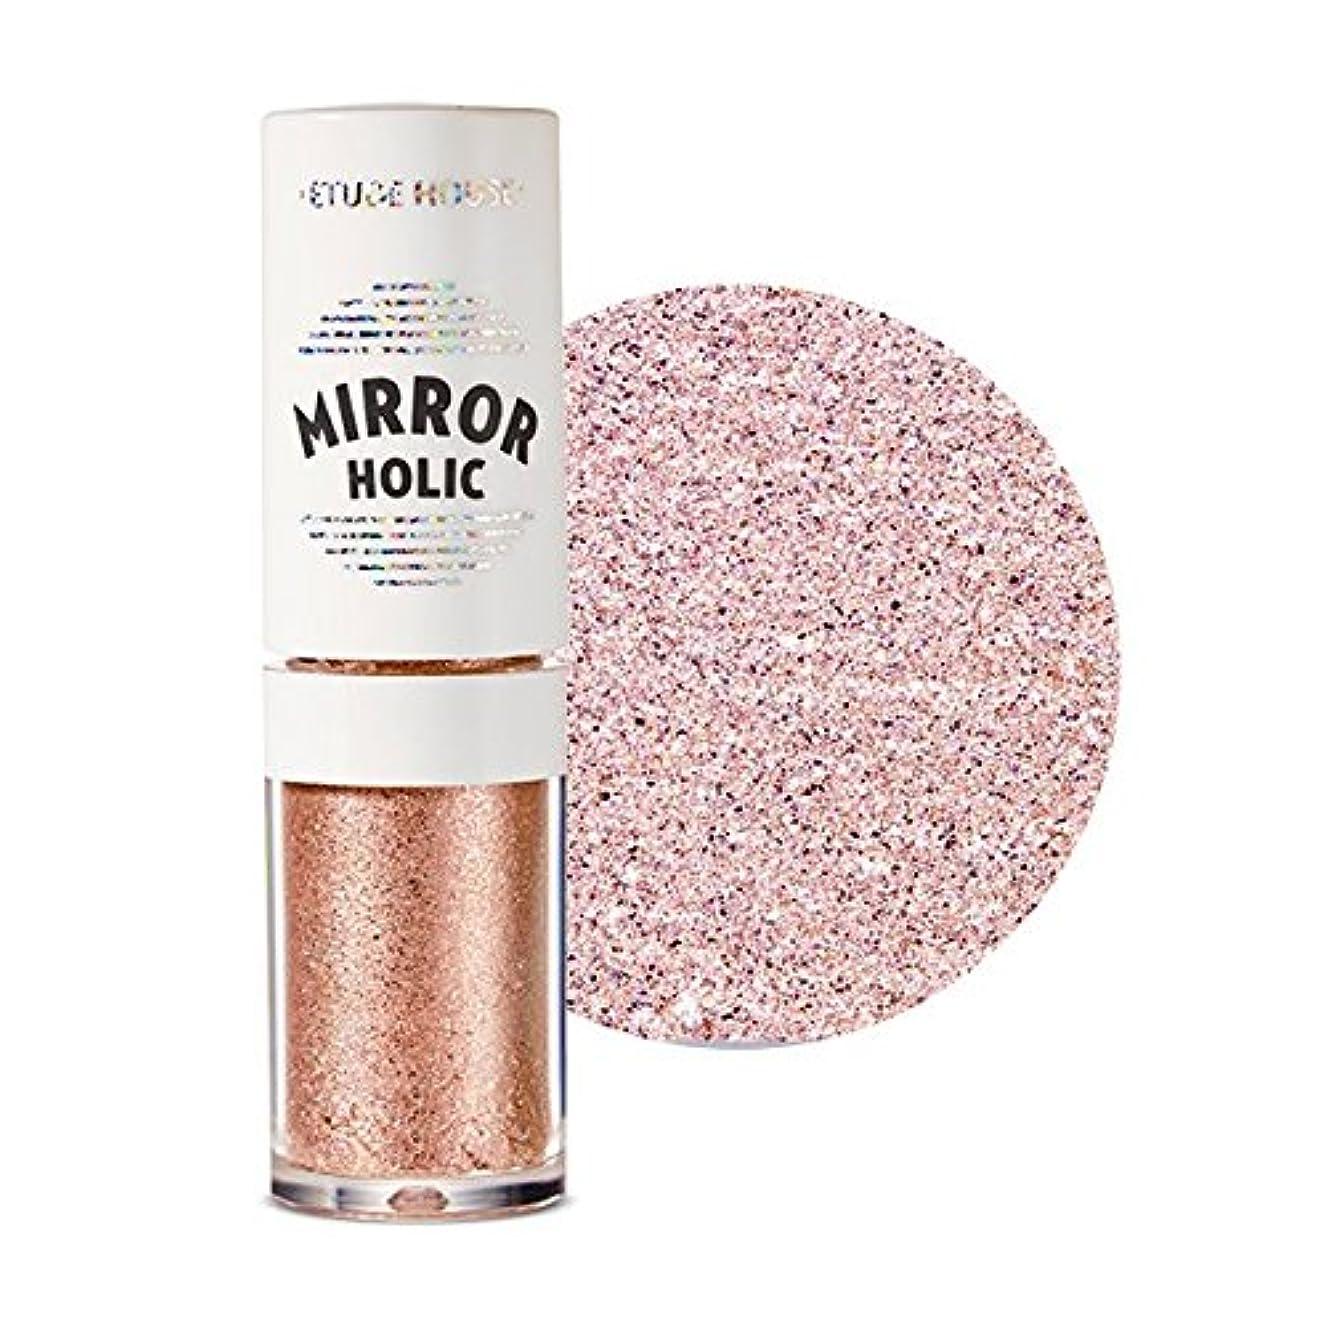 血リンケージネブETUDE HOUSE Mirror Holic Liquid Eyes / エチュードハウス ミラーホリックリキッドアイズ ミラーホリックリキッドアイズ (PK001) [並行輸入品]